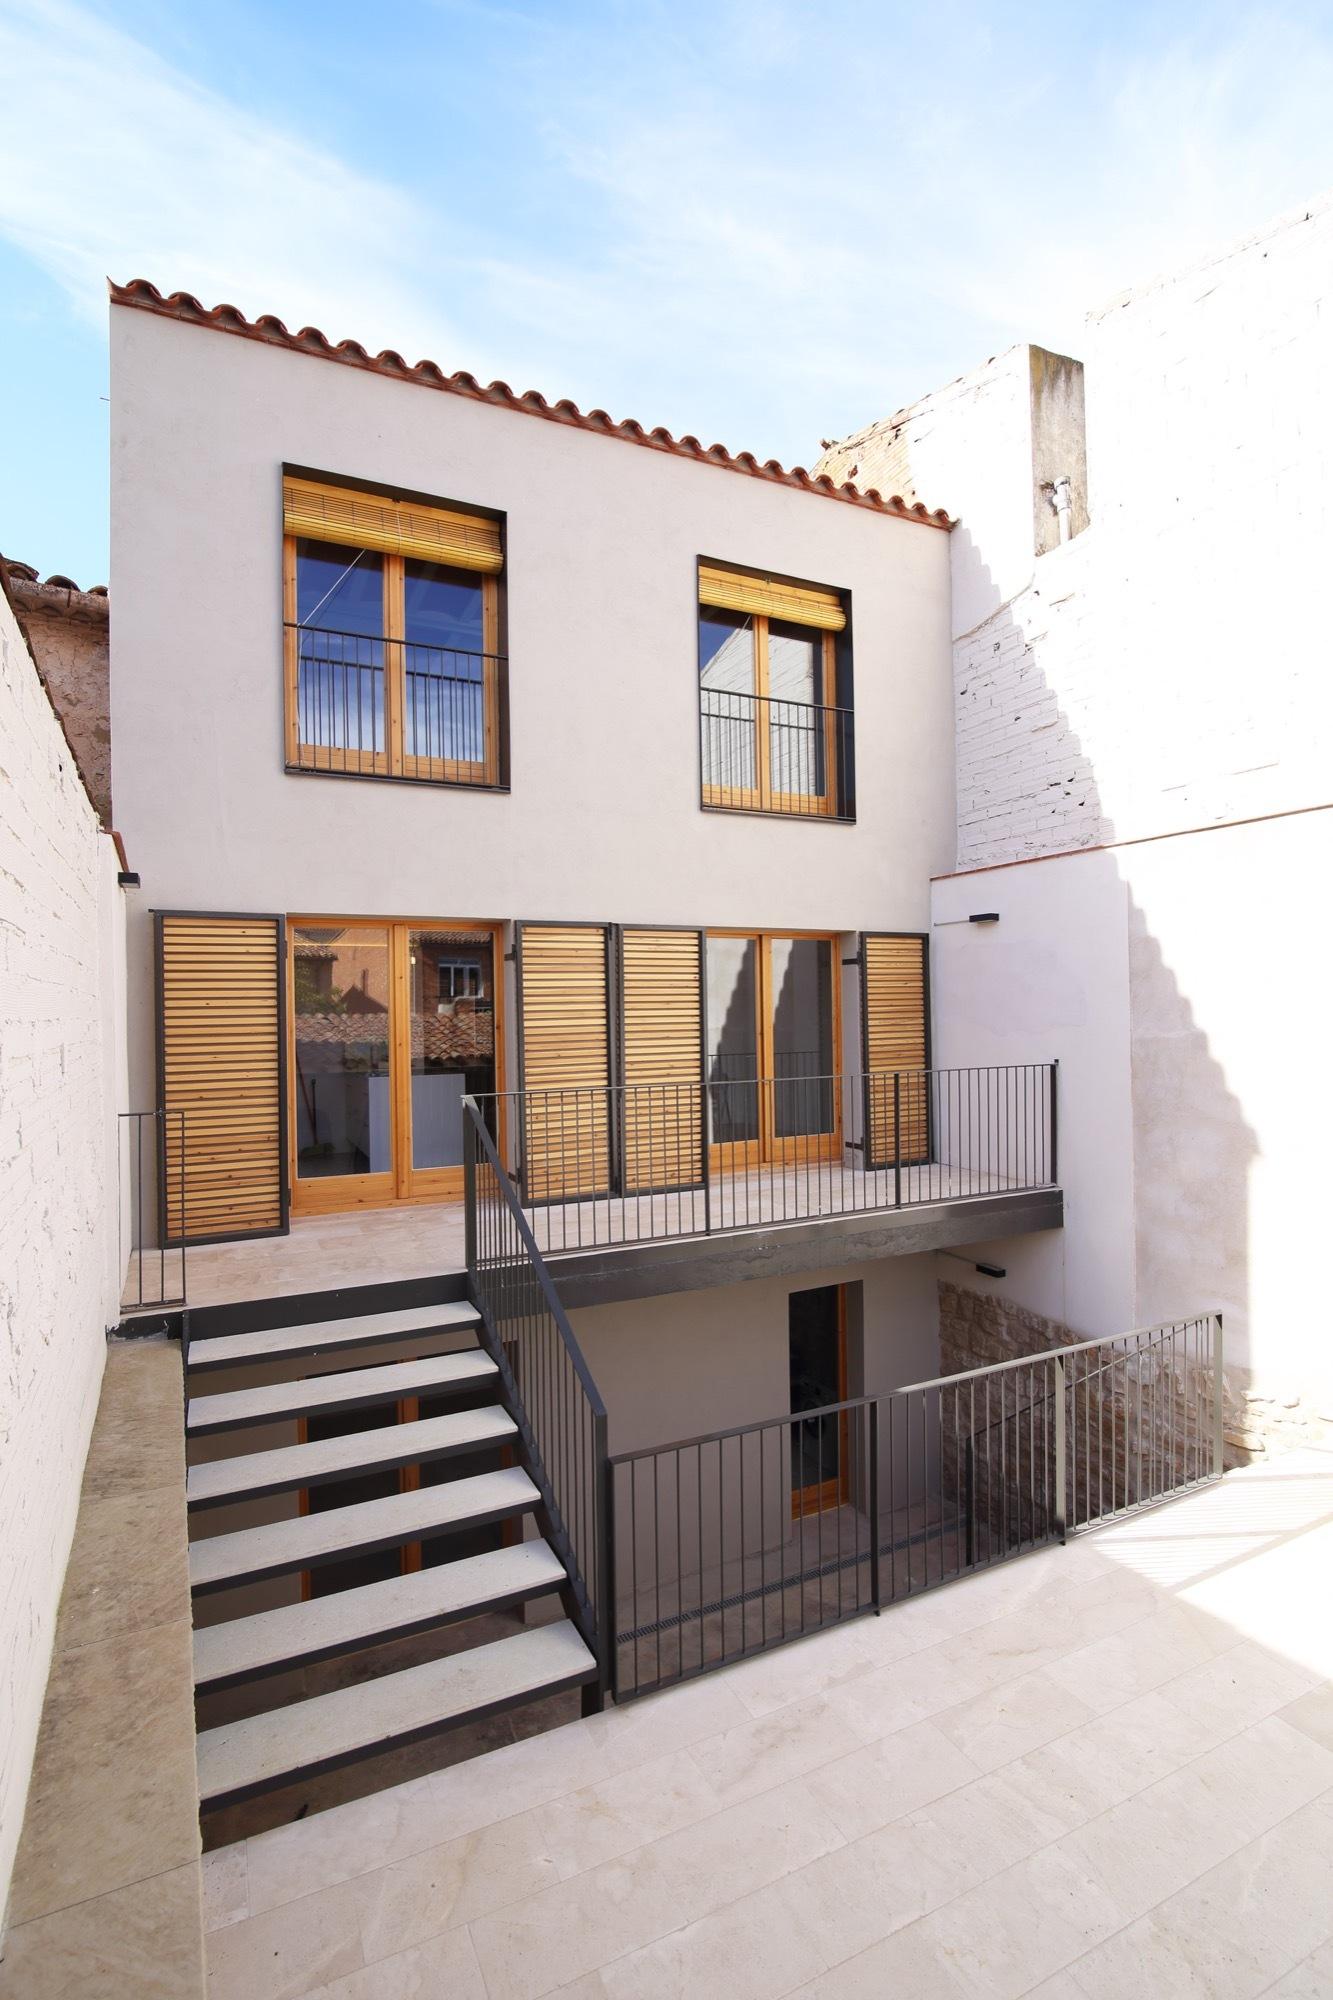 Casa cal parraquet espairoux arquitectura plataforma for Plataforma arquitectura